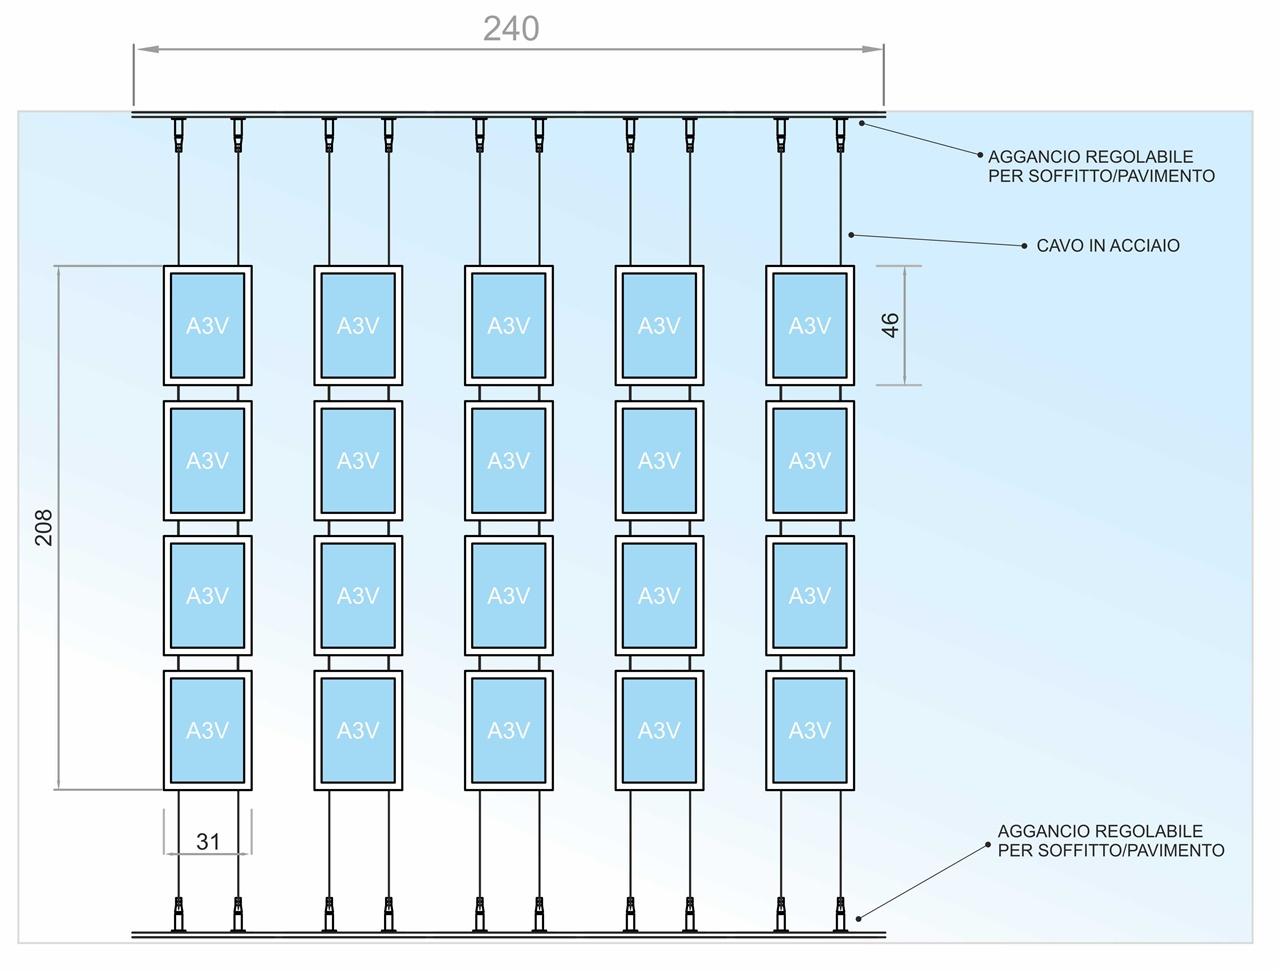 E spositore a cavetti con 20 tasche f.to A3 verticali (4 V. x 5 O.)